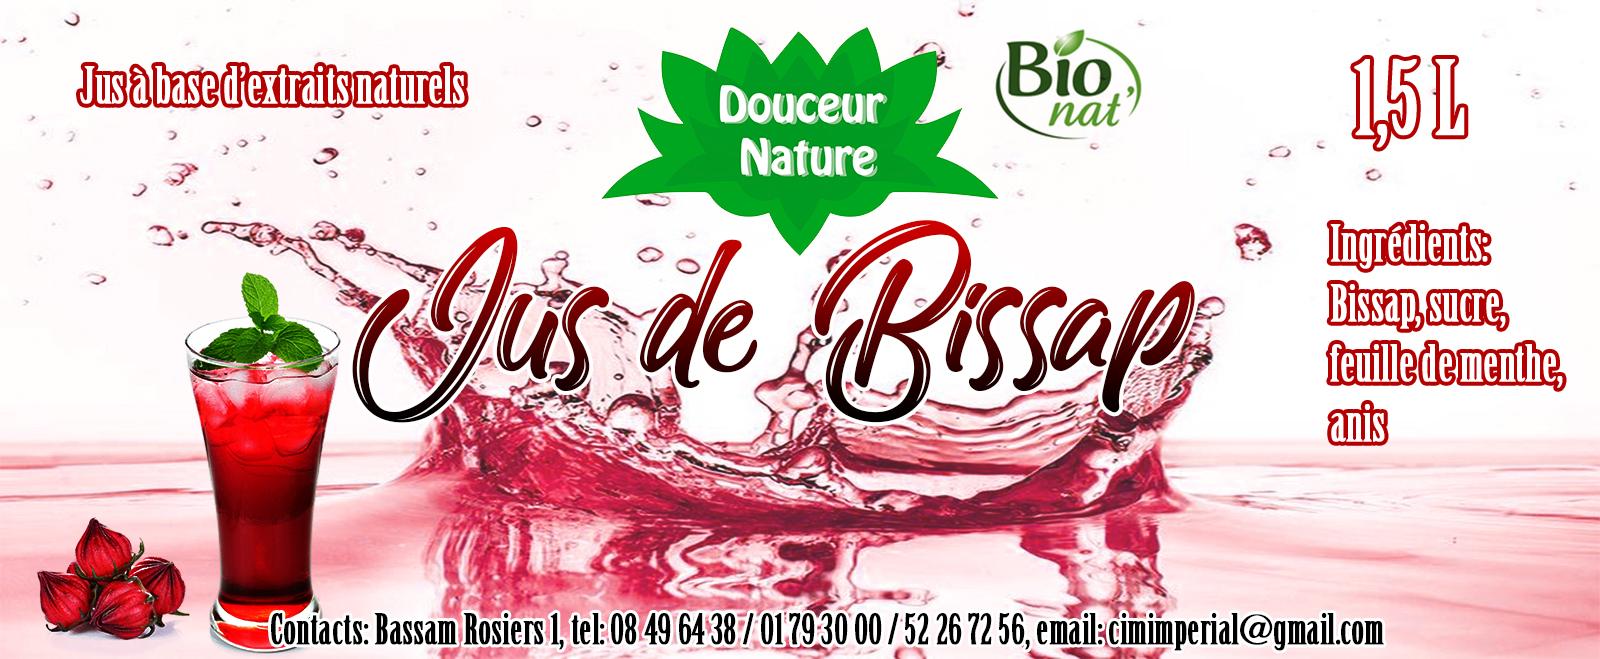 jus de bissap – Design by Chelty, Agence web à Abidjan